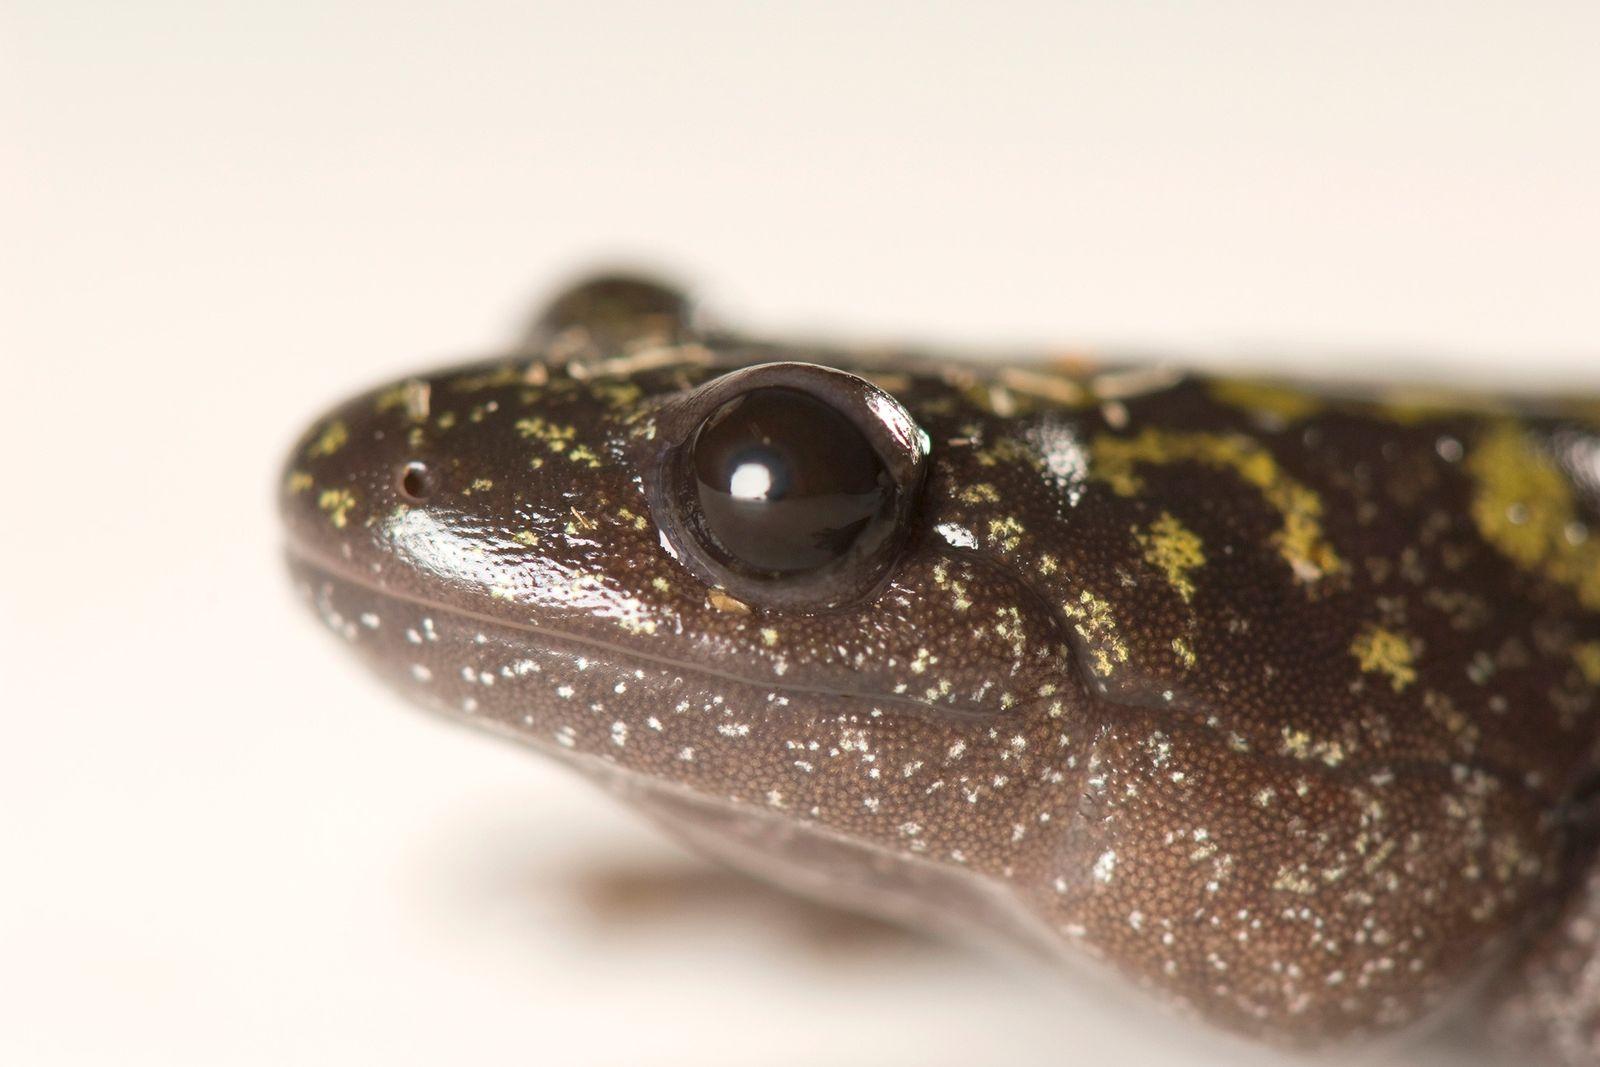 Salamandra de dedos largos